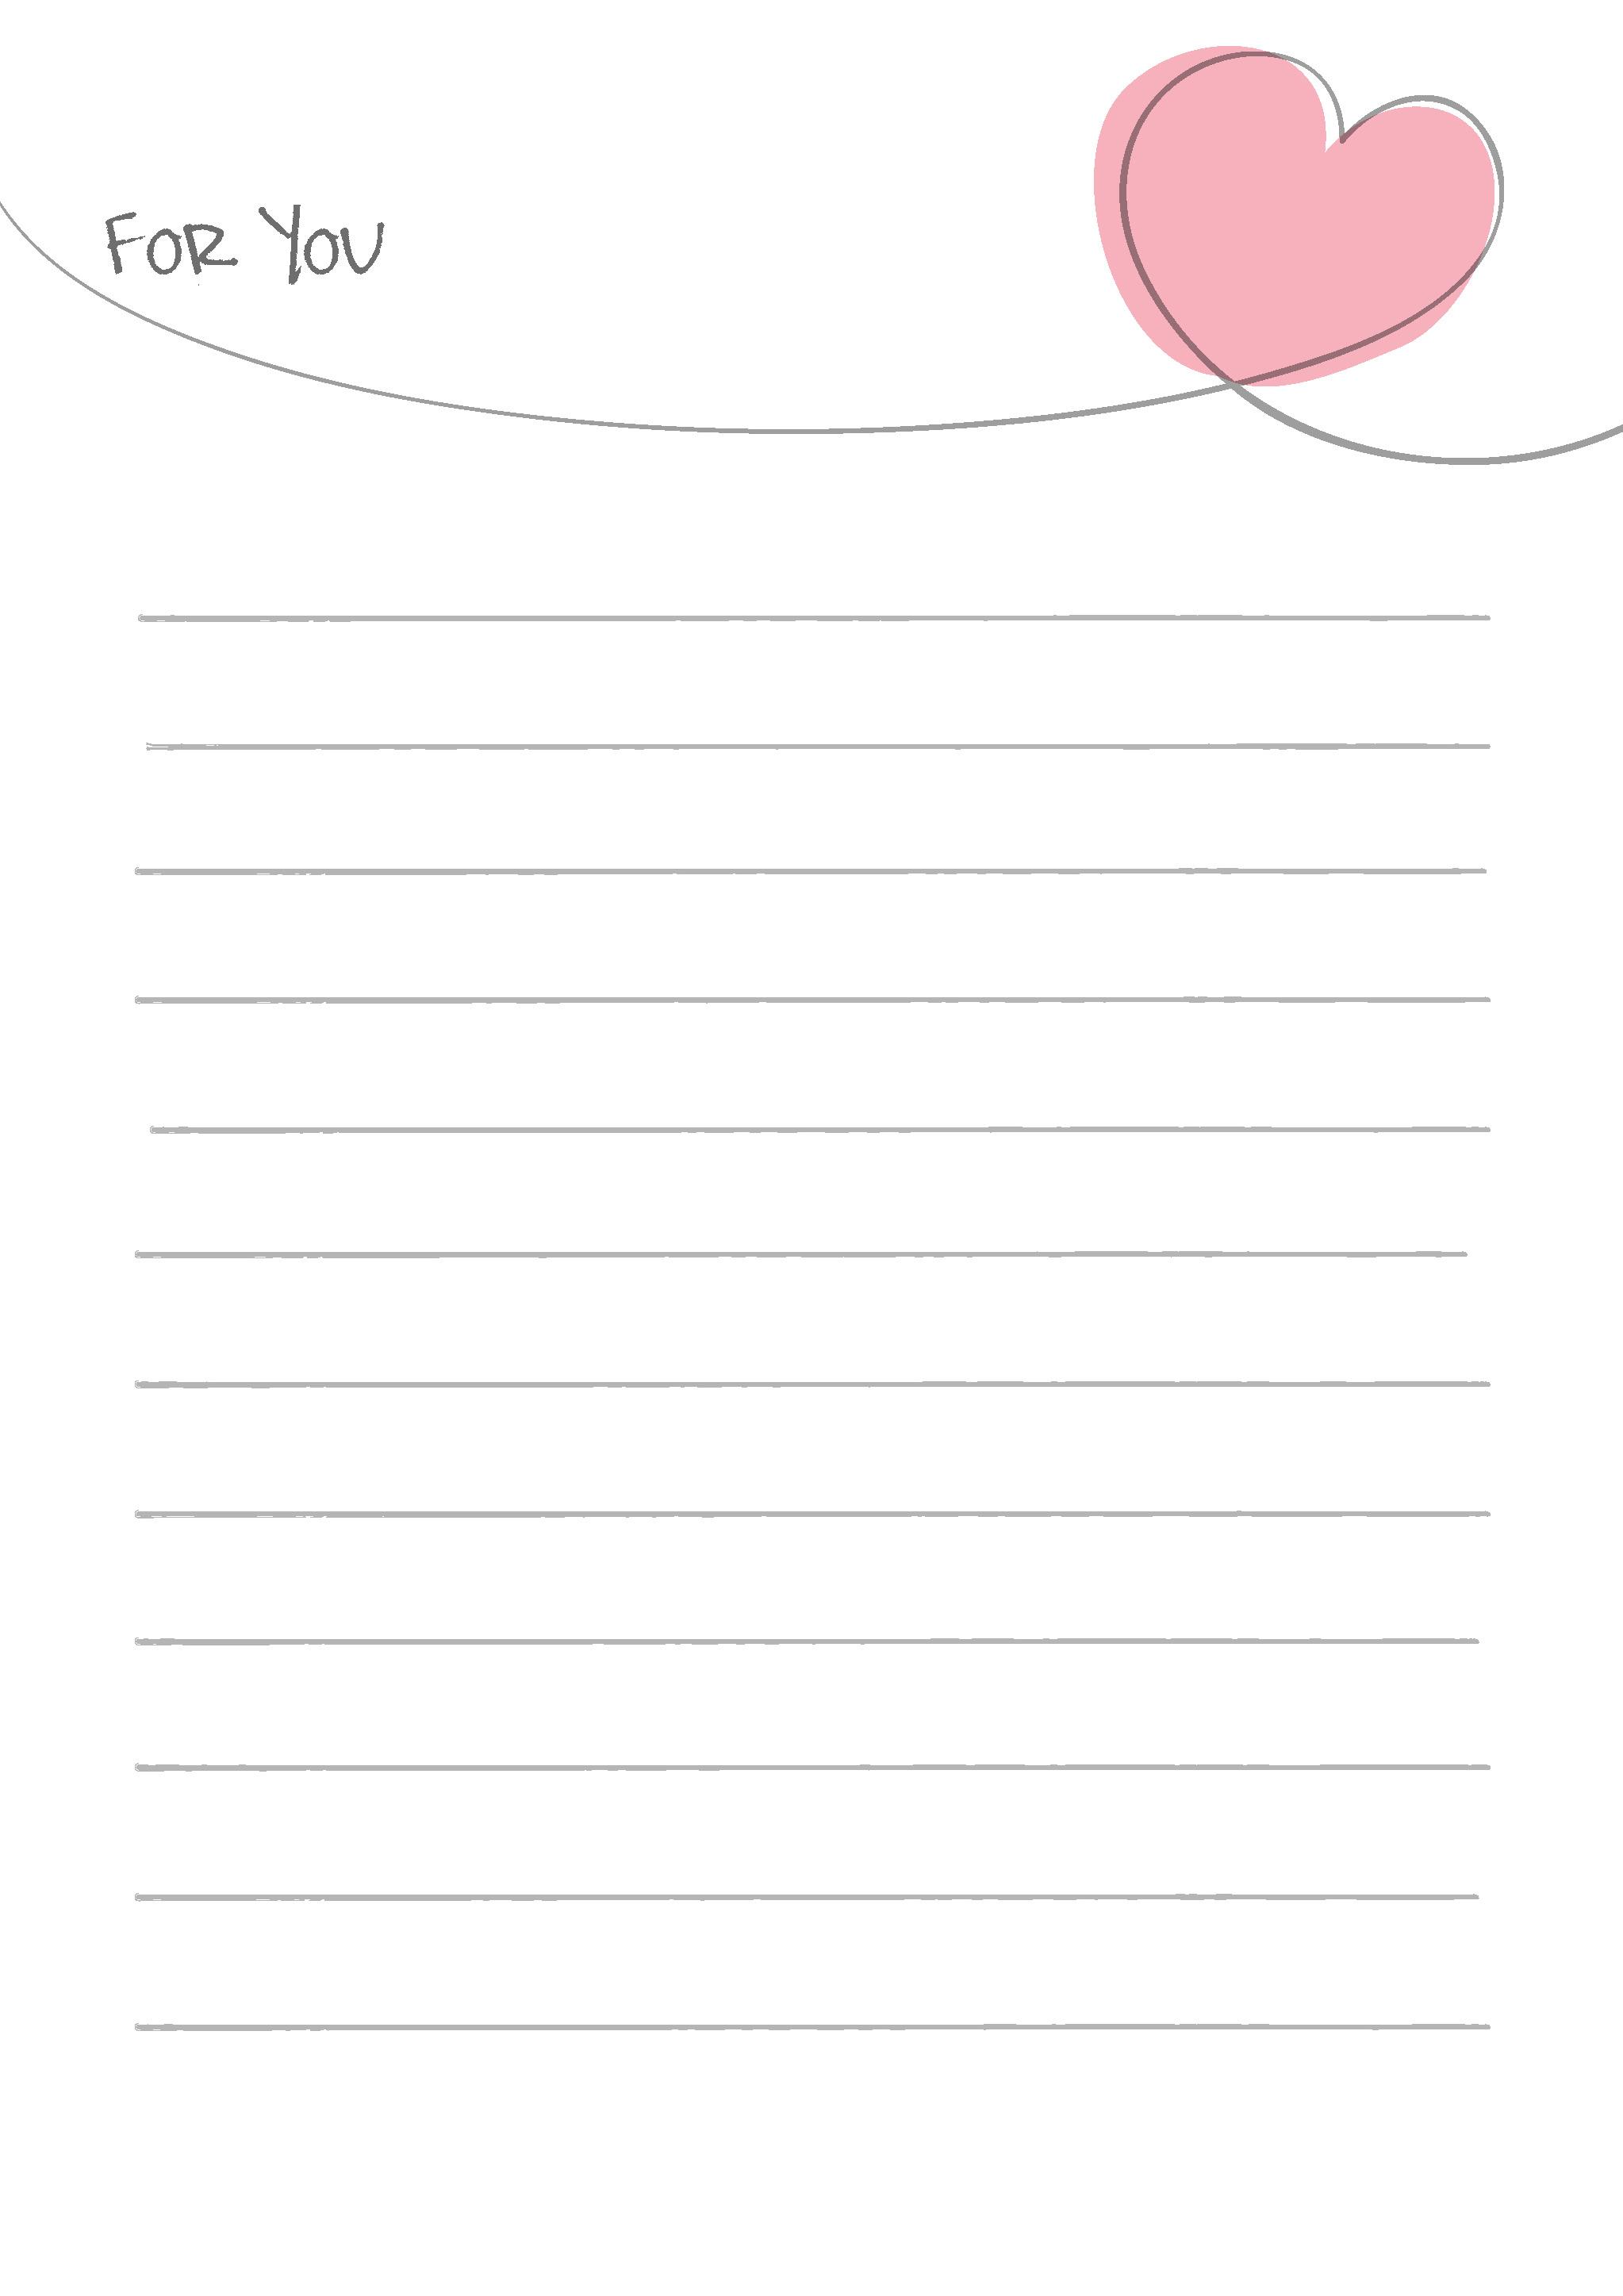 手紙 イラスト 可愛い | 7331 イラス